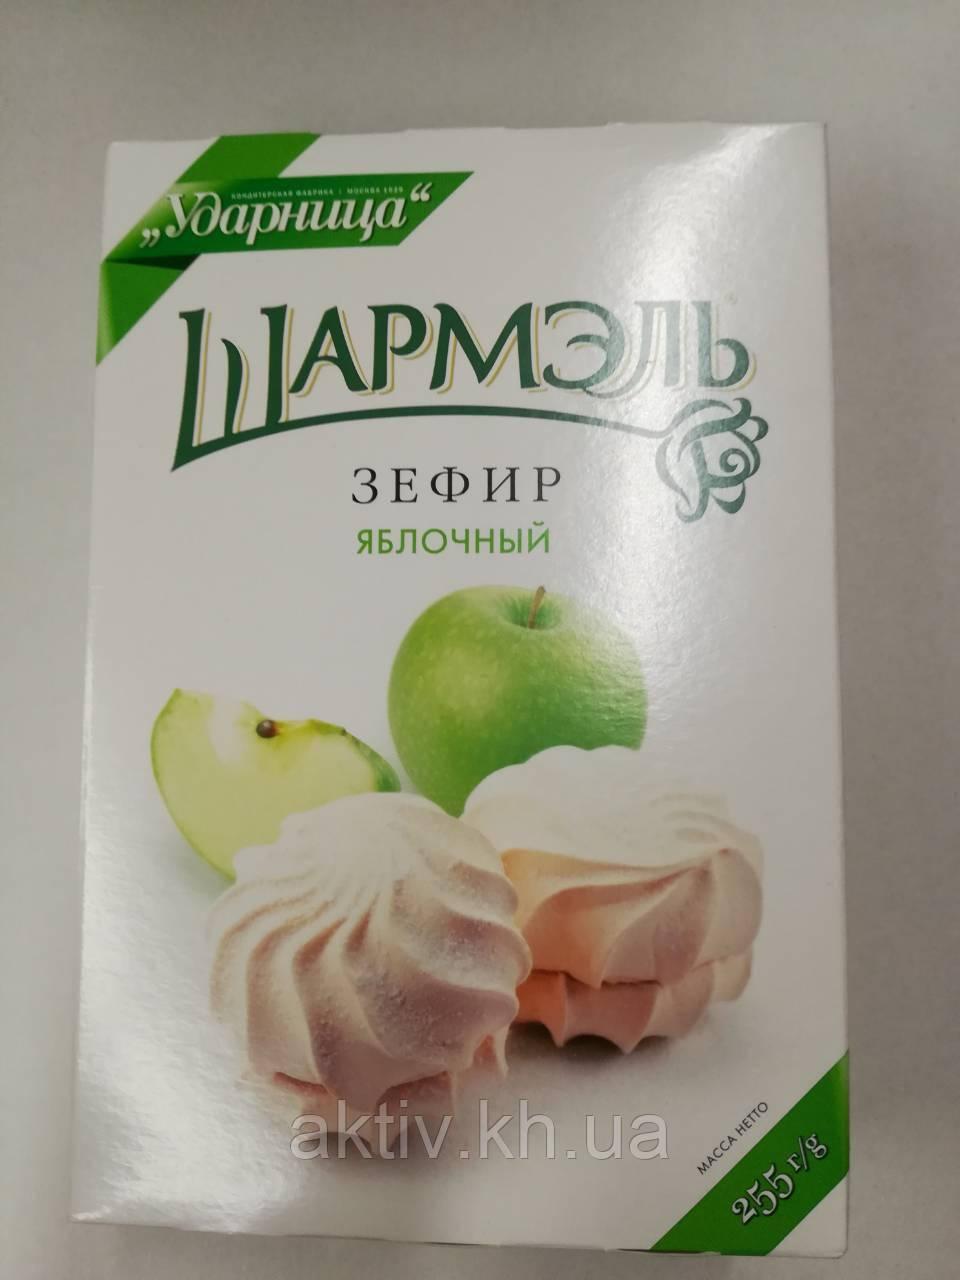 Зефир Шармель яблочный